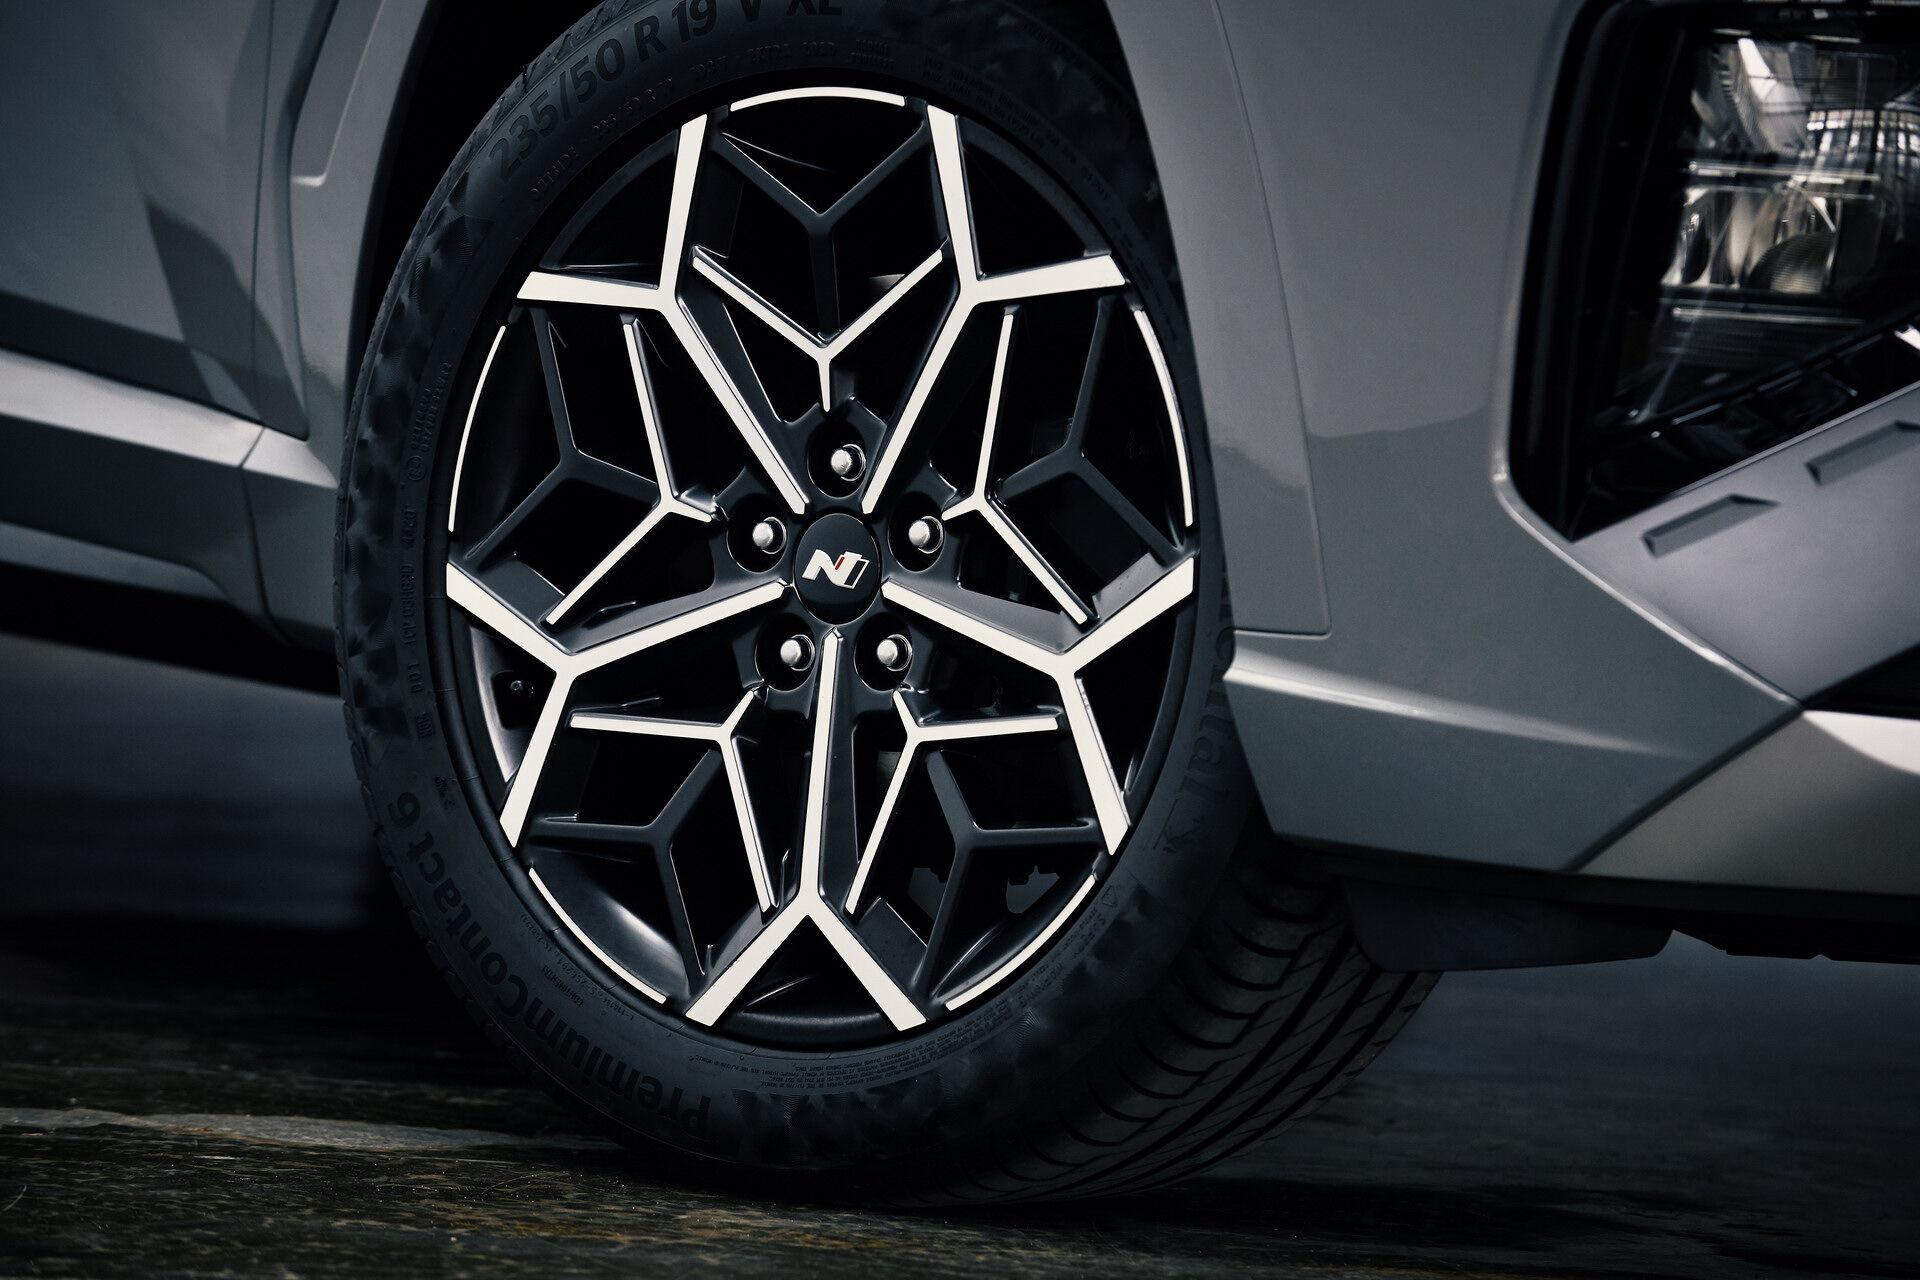 Особливий шарм машині надають стильні 19-дюймові диски оригінального дизайну